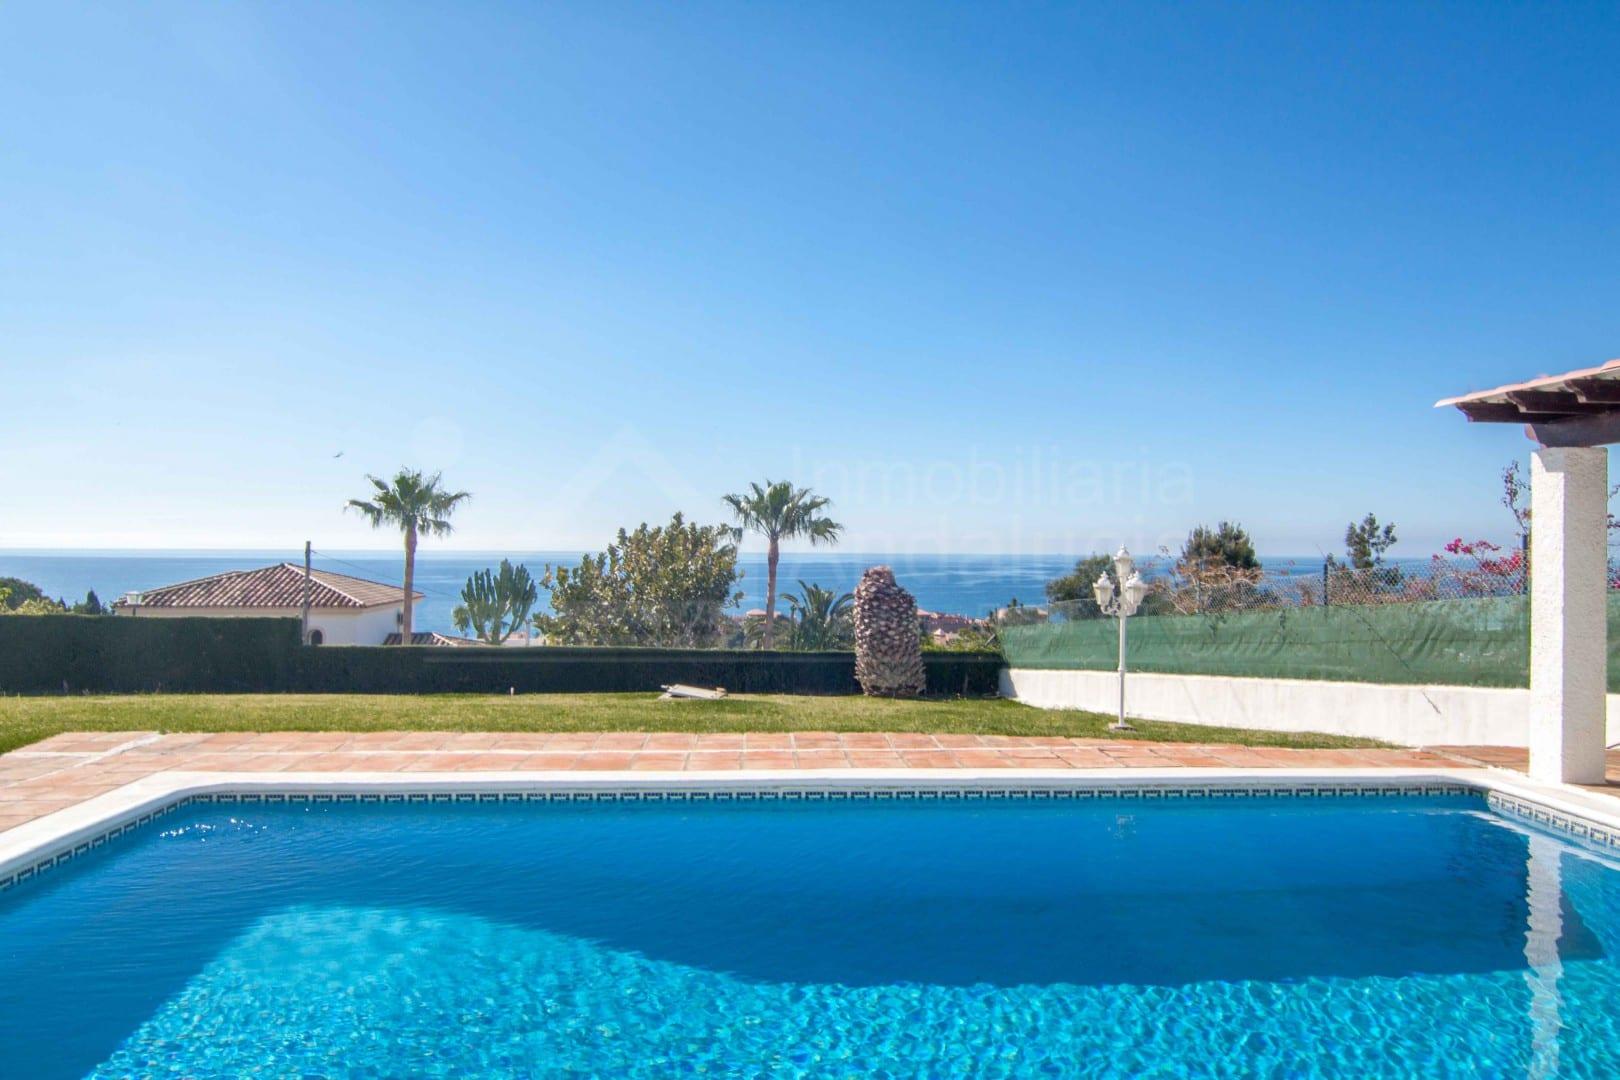 estepona 8 villa de chambre avec vue sur la mer. Black Bedroom Furniture Sets. Home Design Ideas